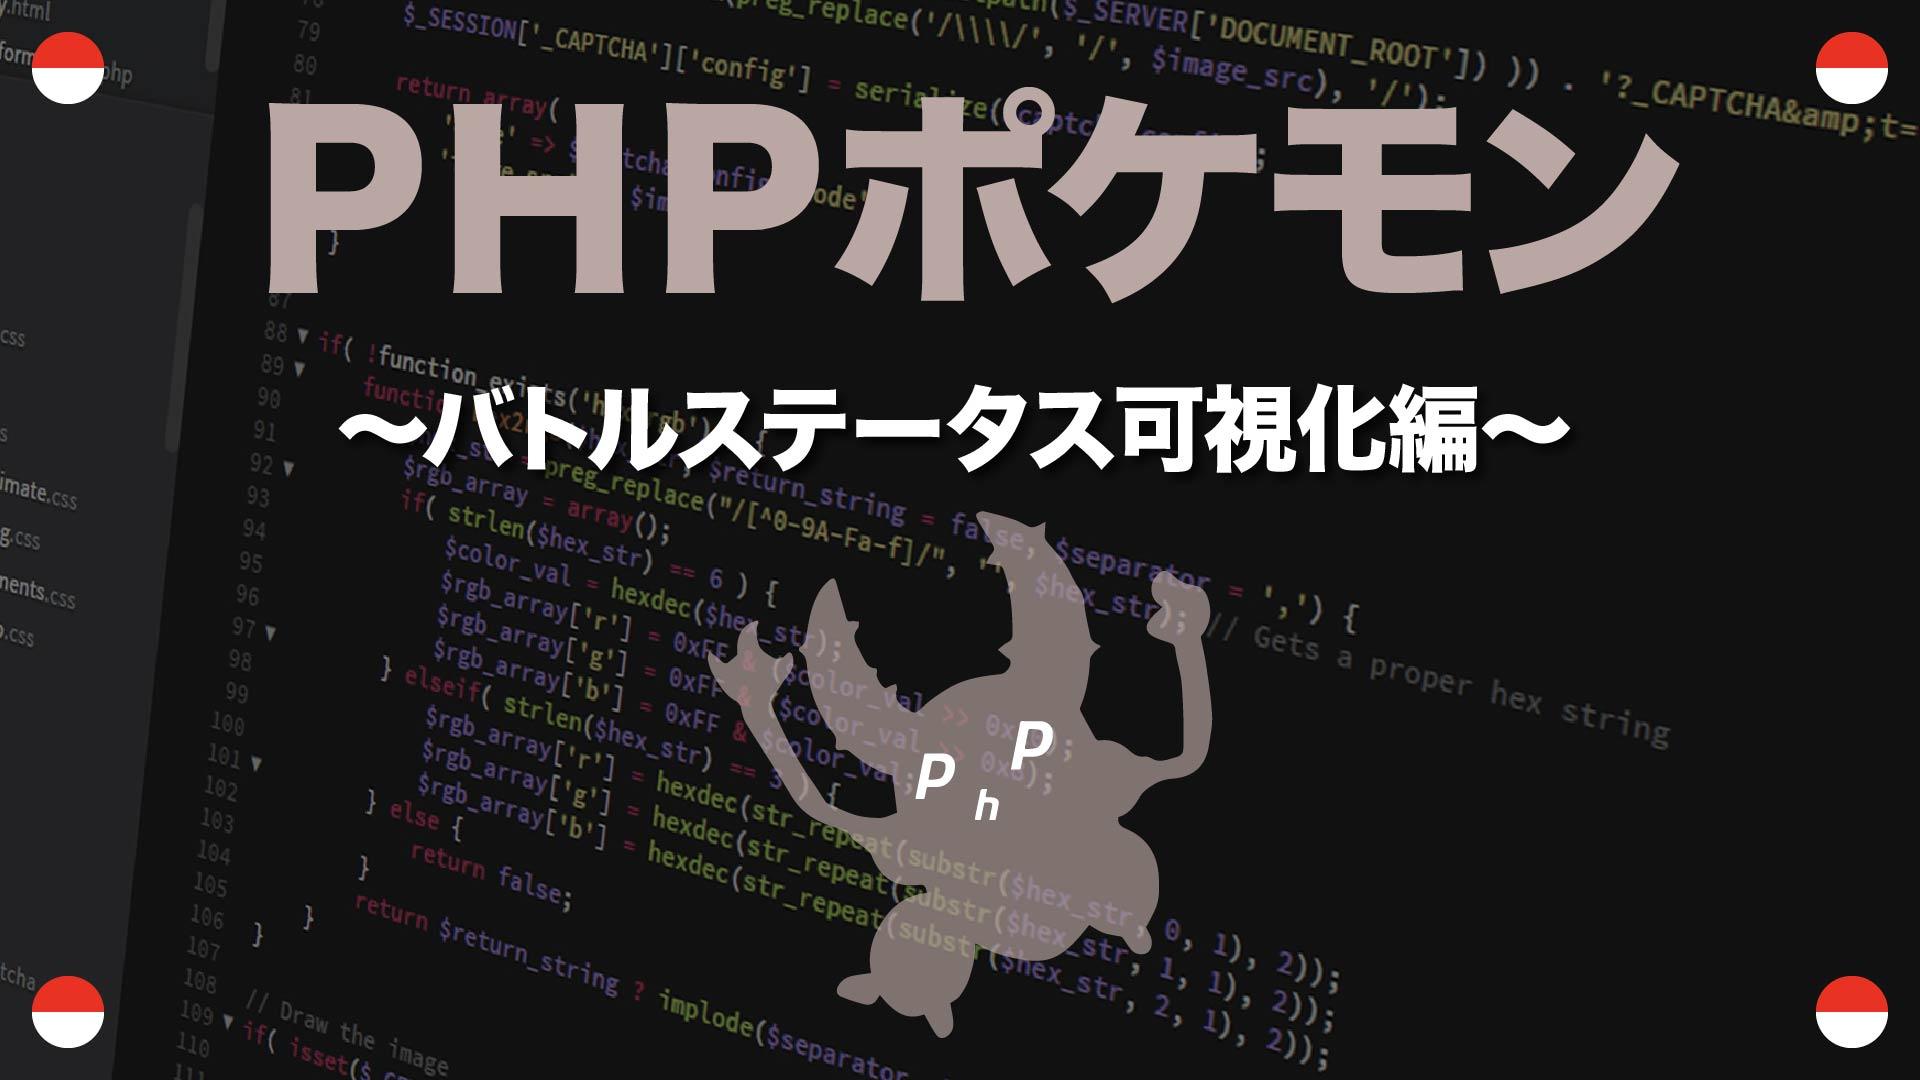 バトルステータス可視化編 PHPポケモン 70